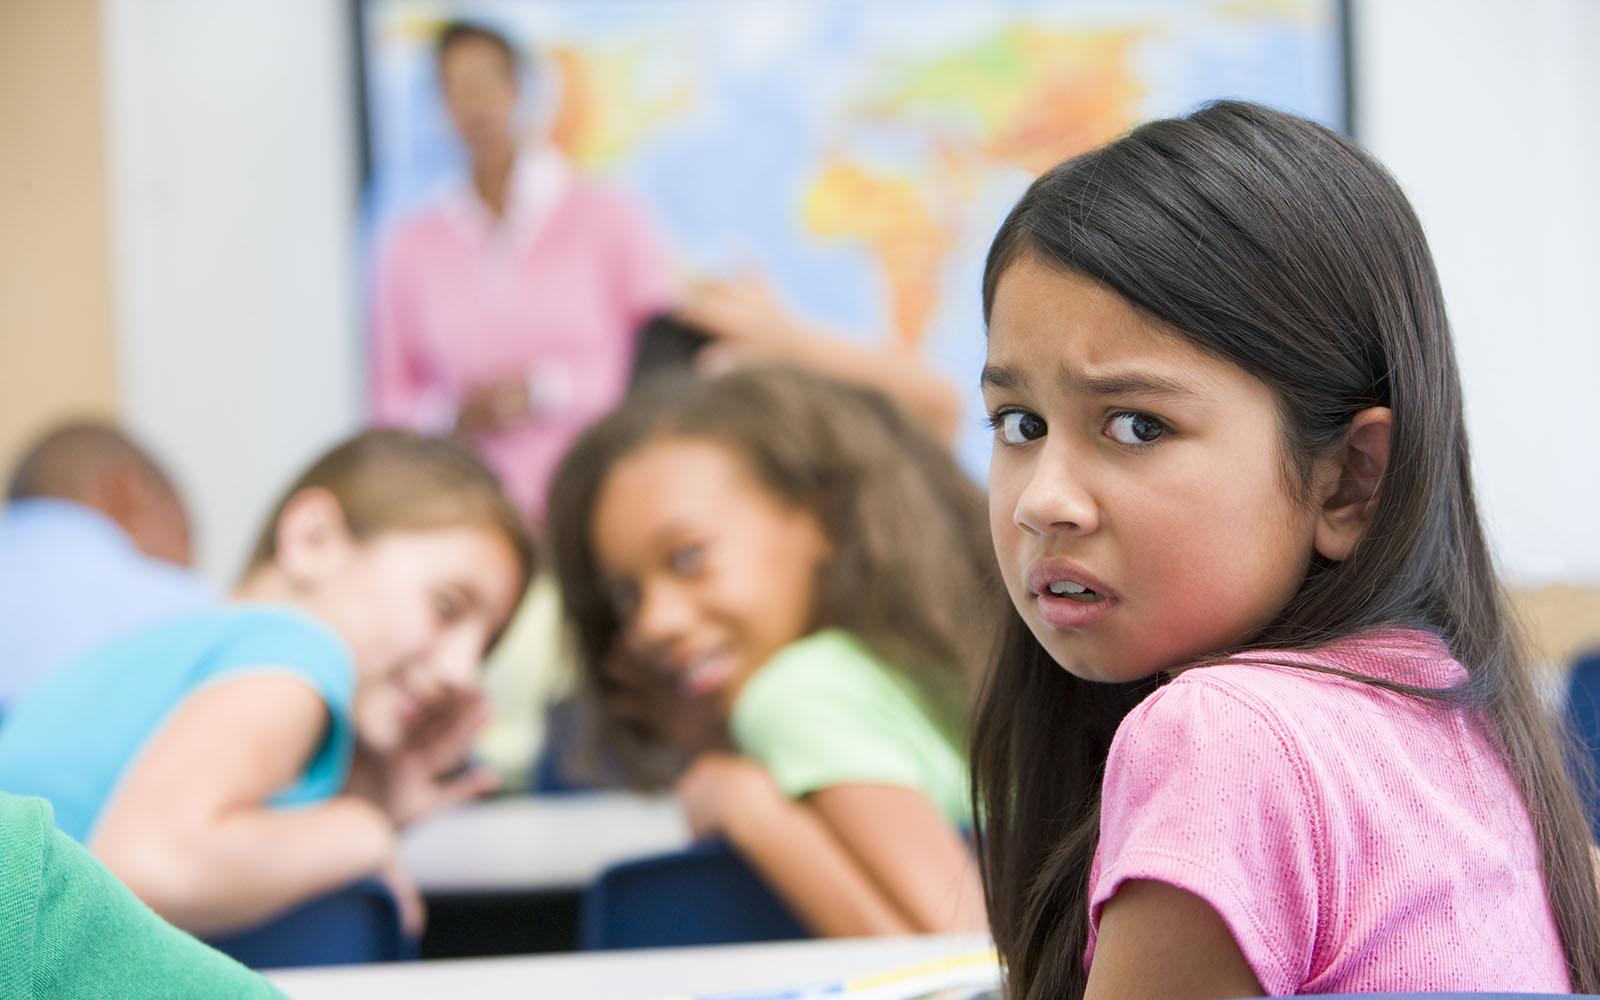 بڑوں کی جانب سے کی جانےوالی زیادتی سے زیادہ نقصان دہ ہے ہراساں کرنا